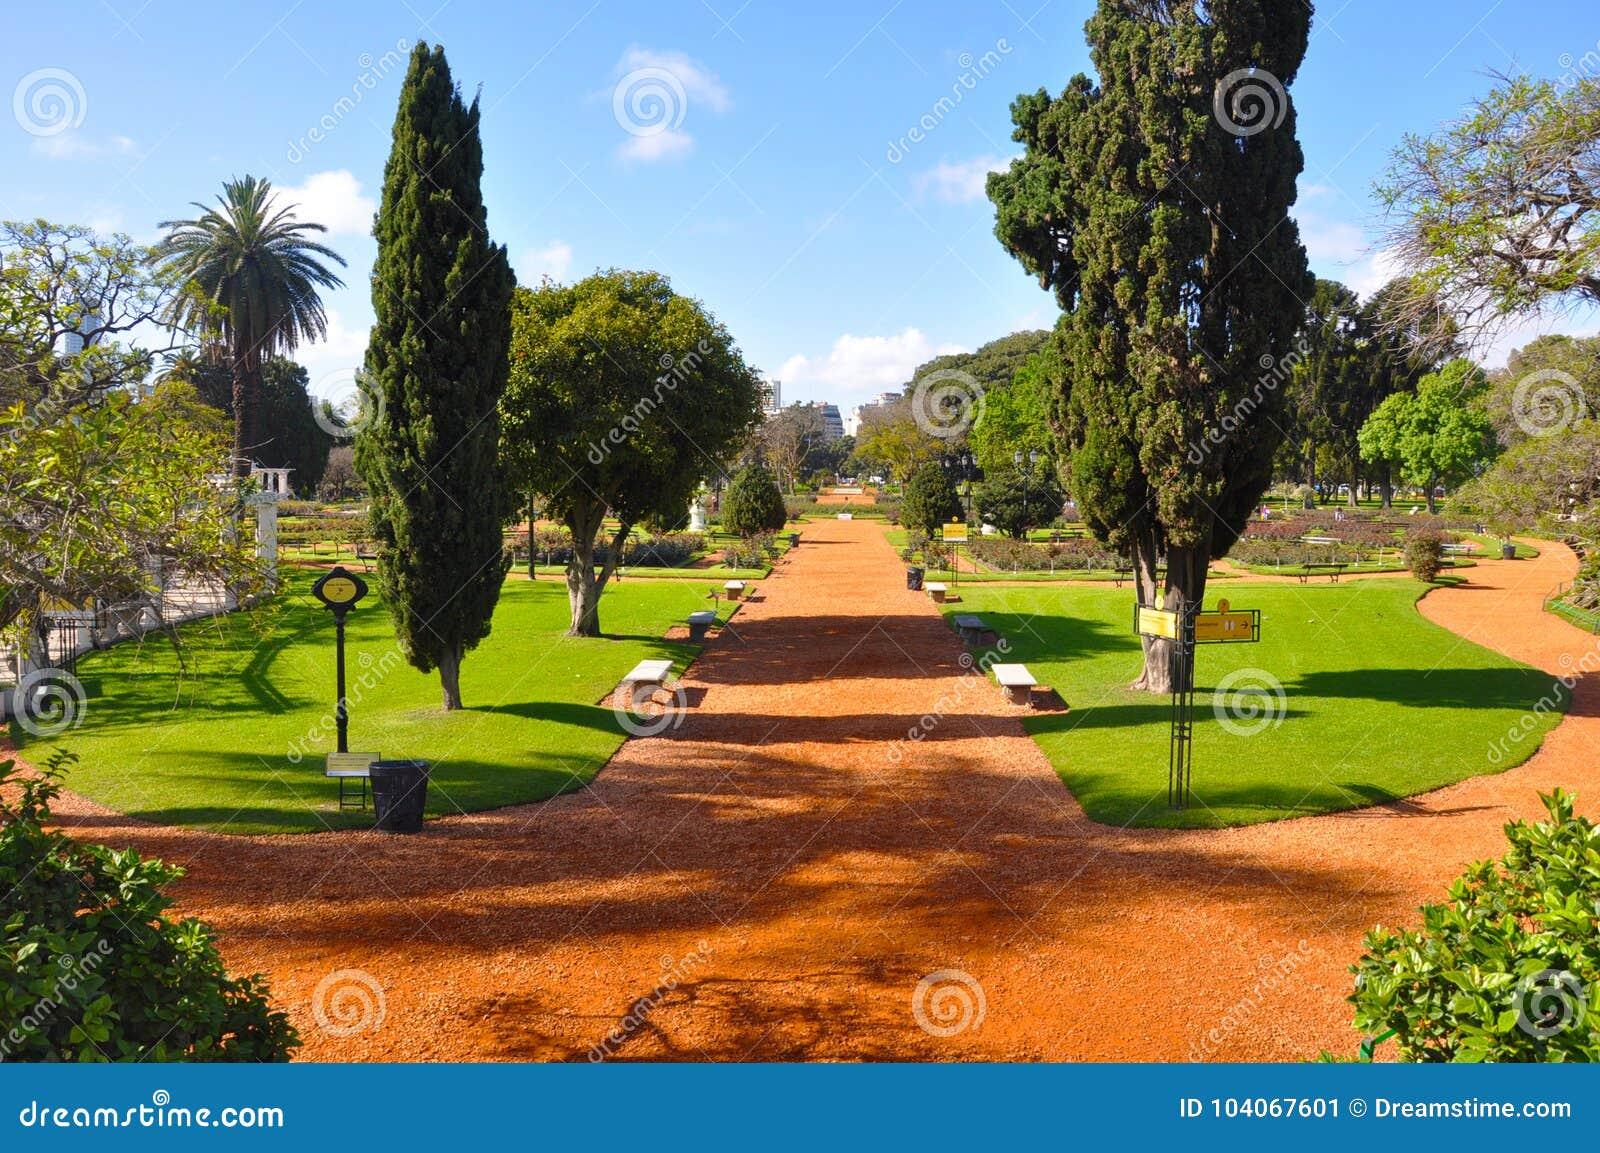 Argentina. Buenos Aires. Park. Rosedal de Palermo